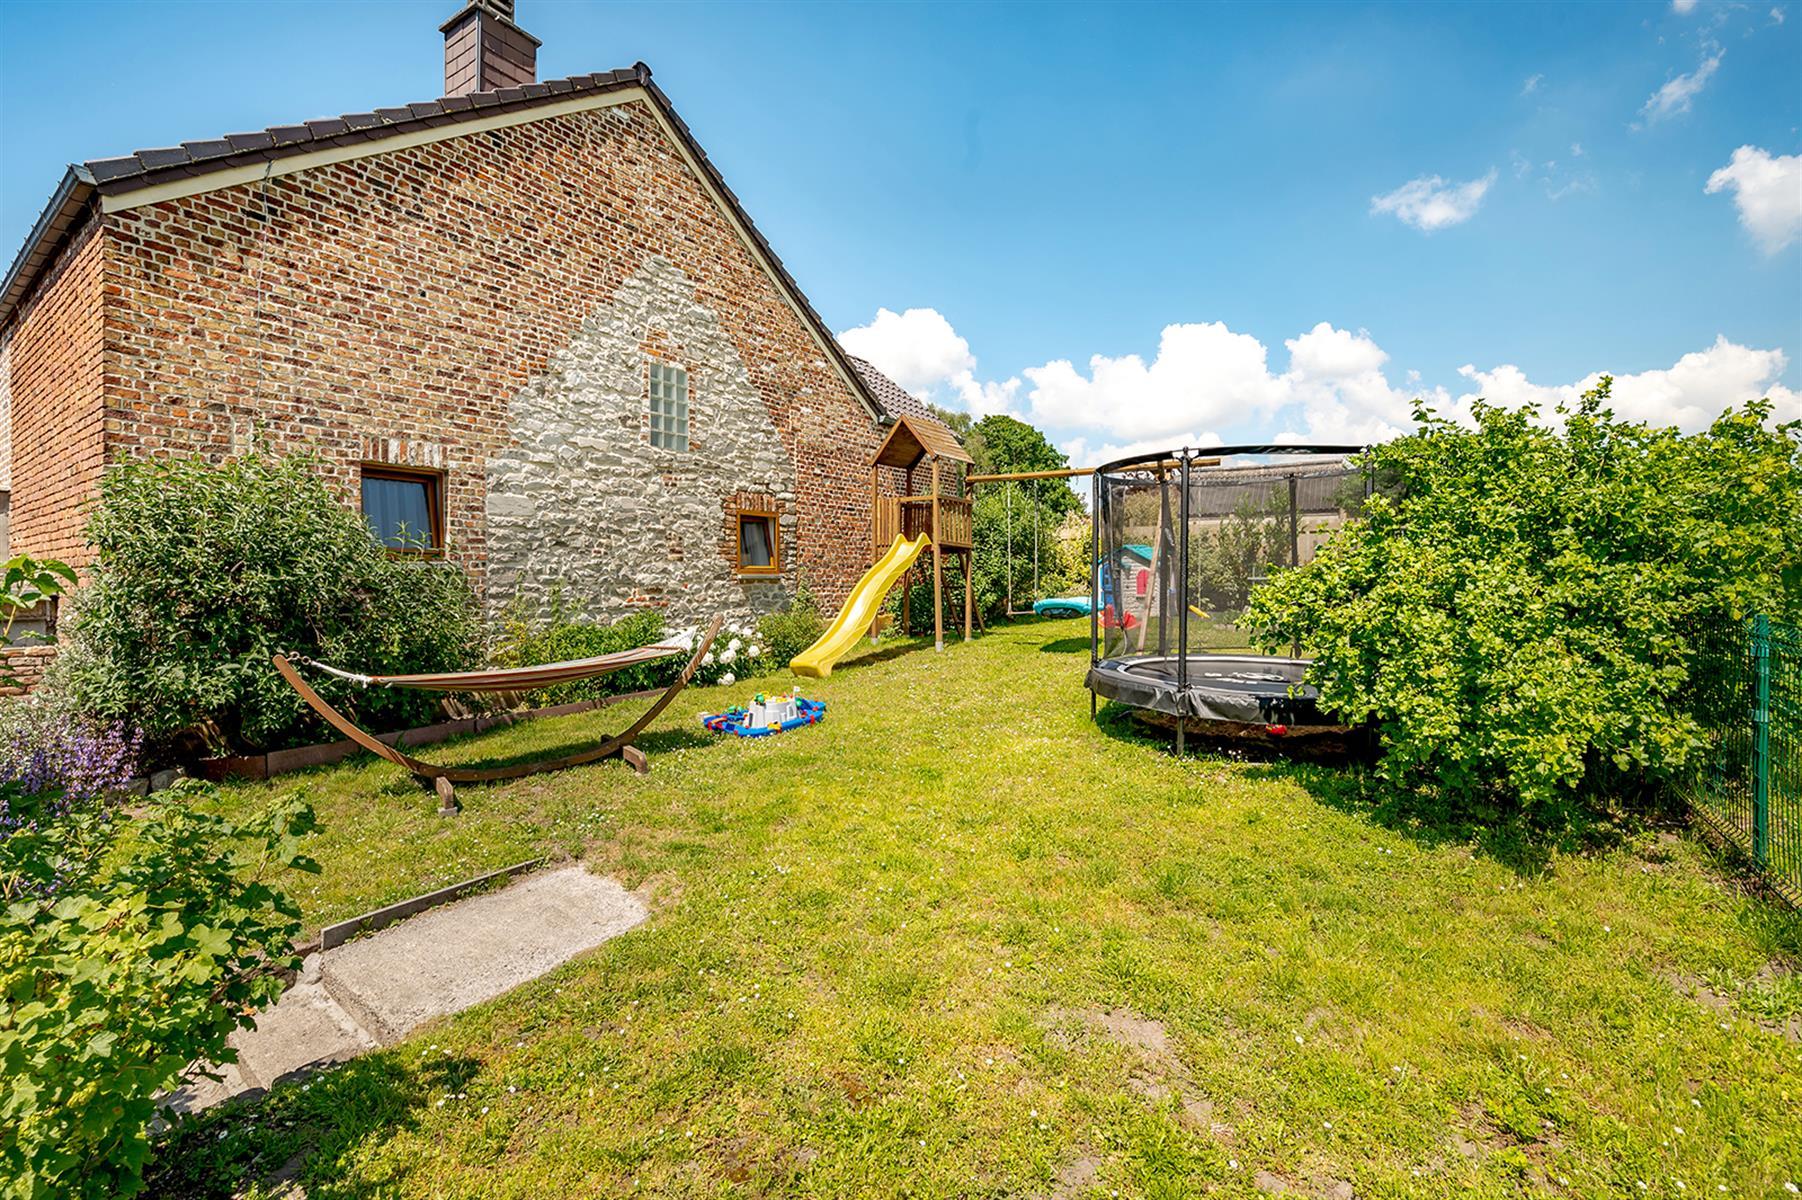 Maison - Villersle-Bouillet Warnant-Dreye - #4392377-23